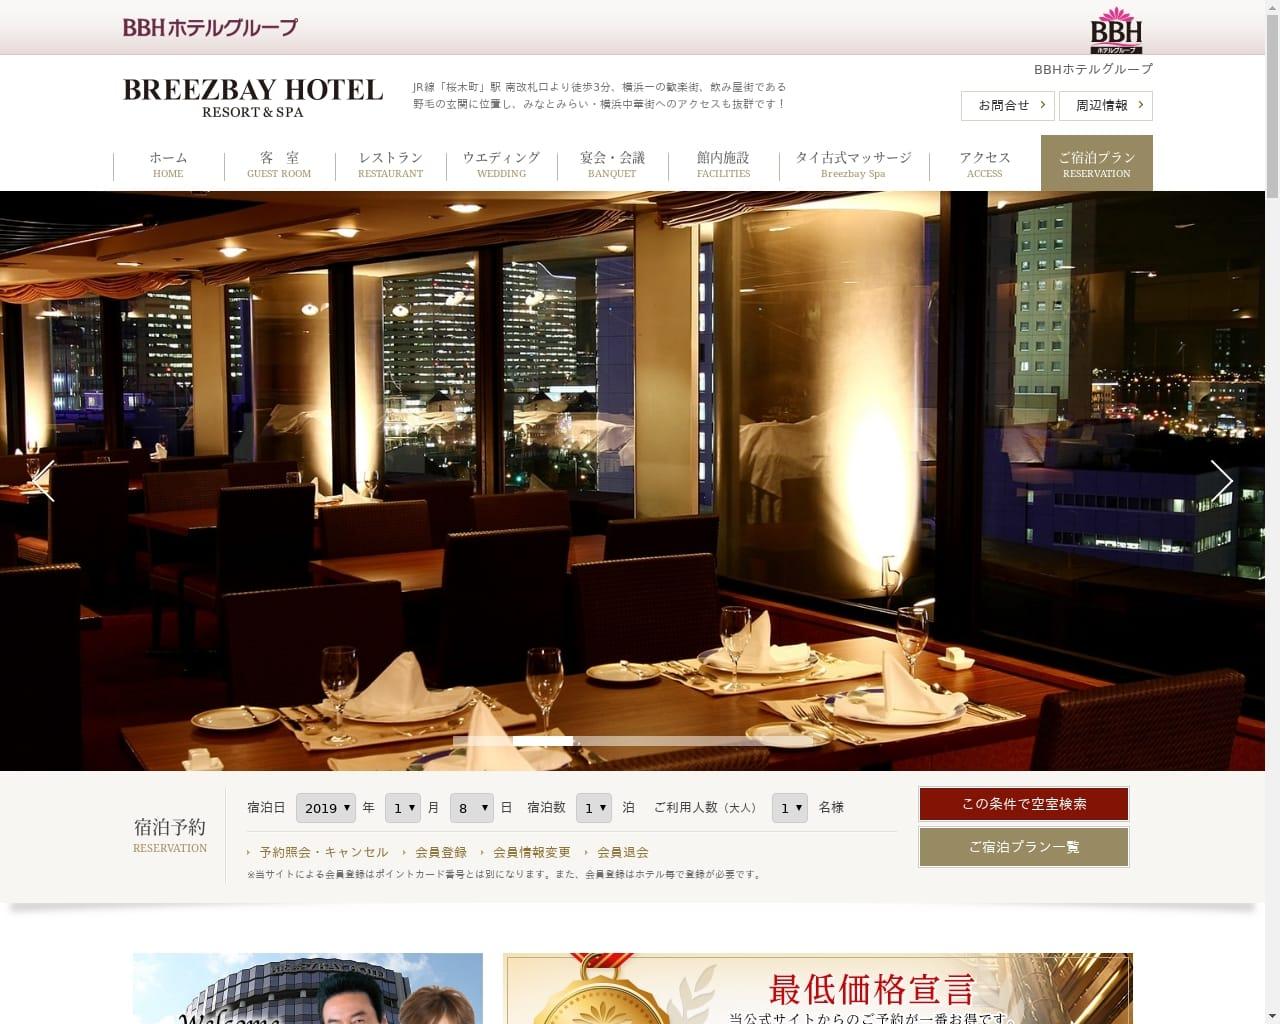 高級ホテル特集 ブリーズベイホテル・リゾート&スパ